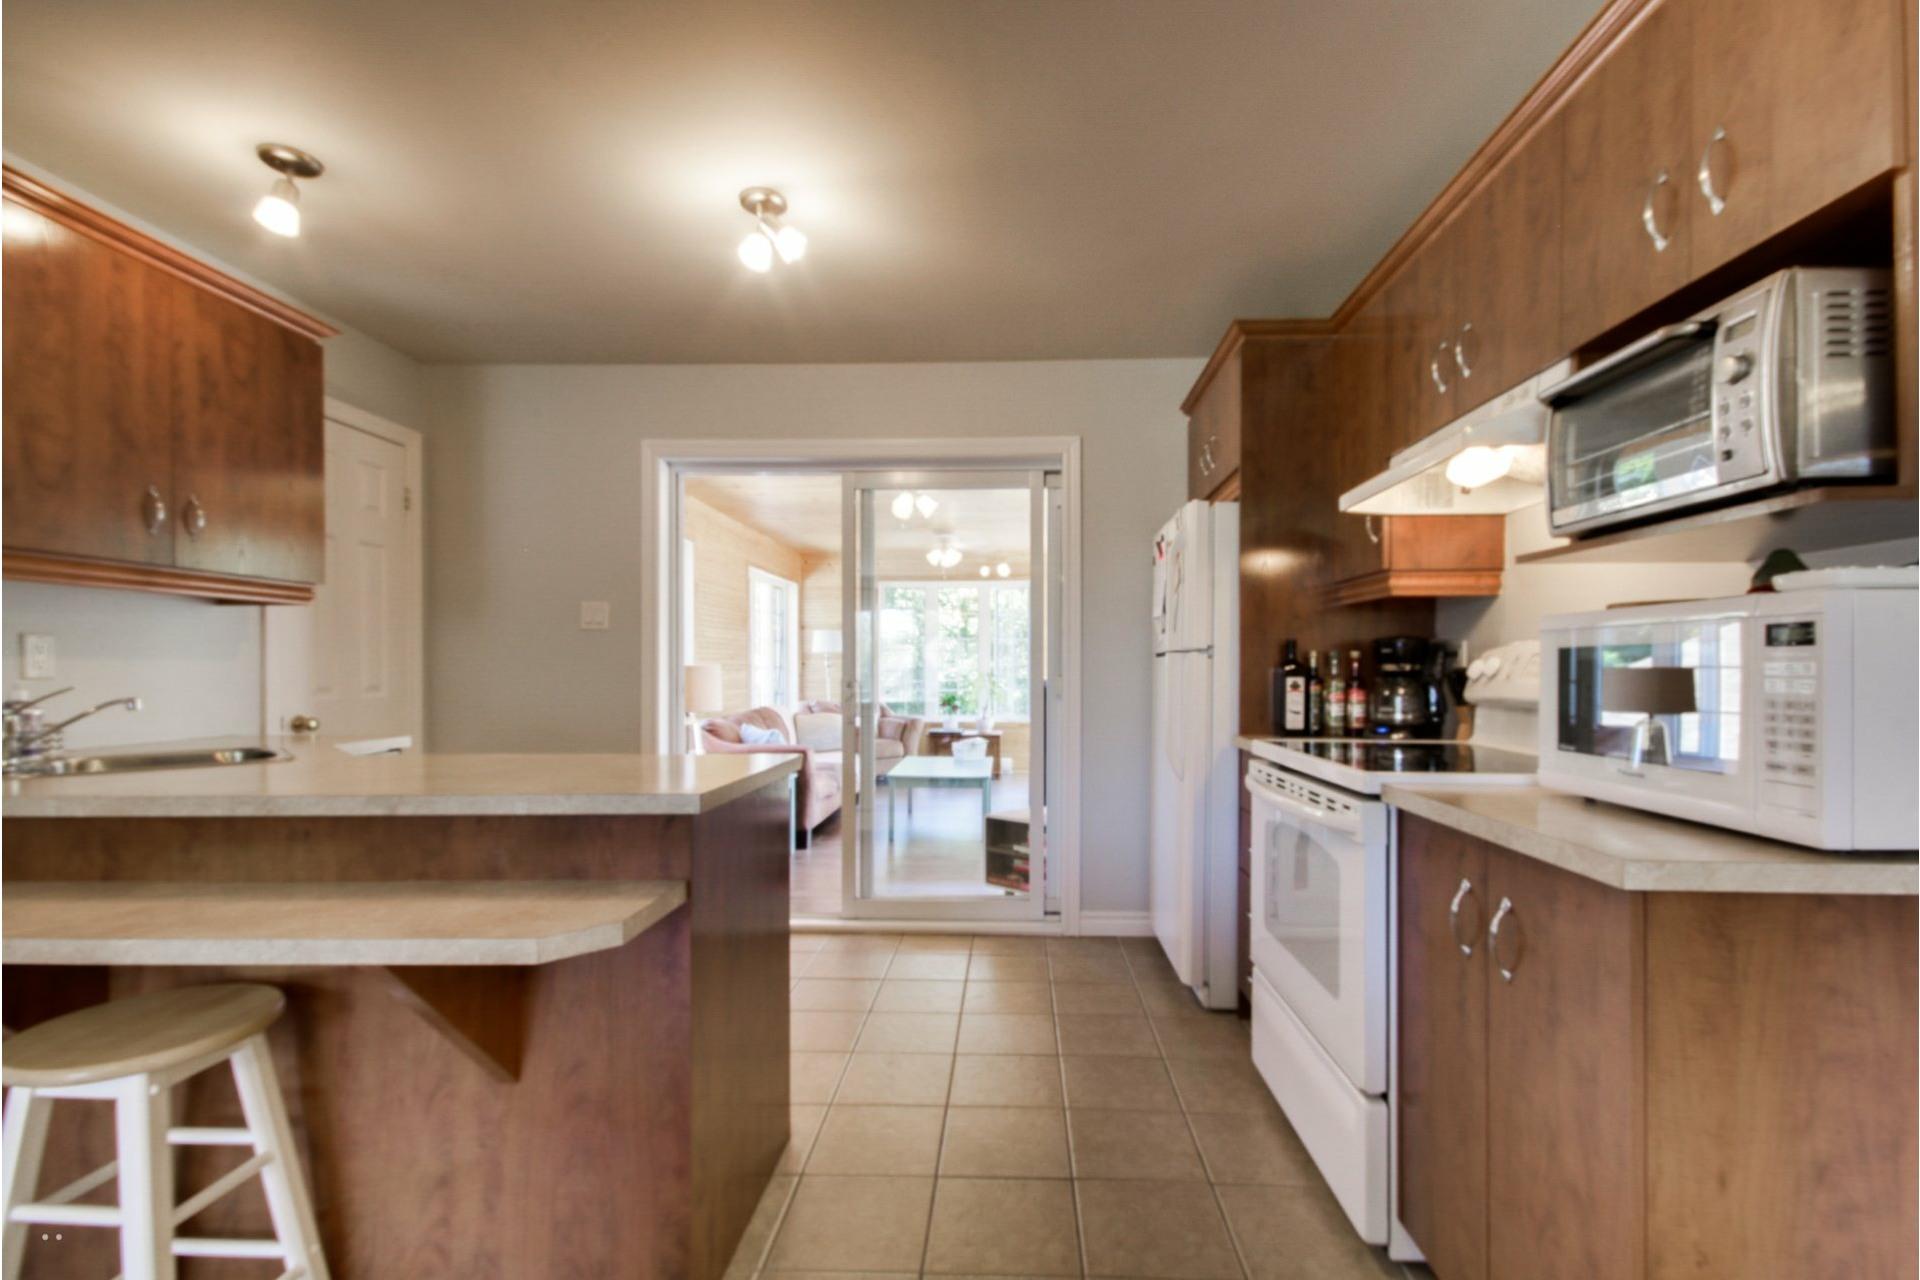 image 31 - Maison À vendre Trois-Rivières